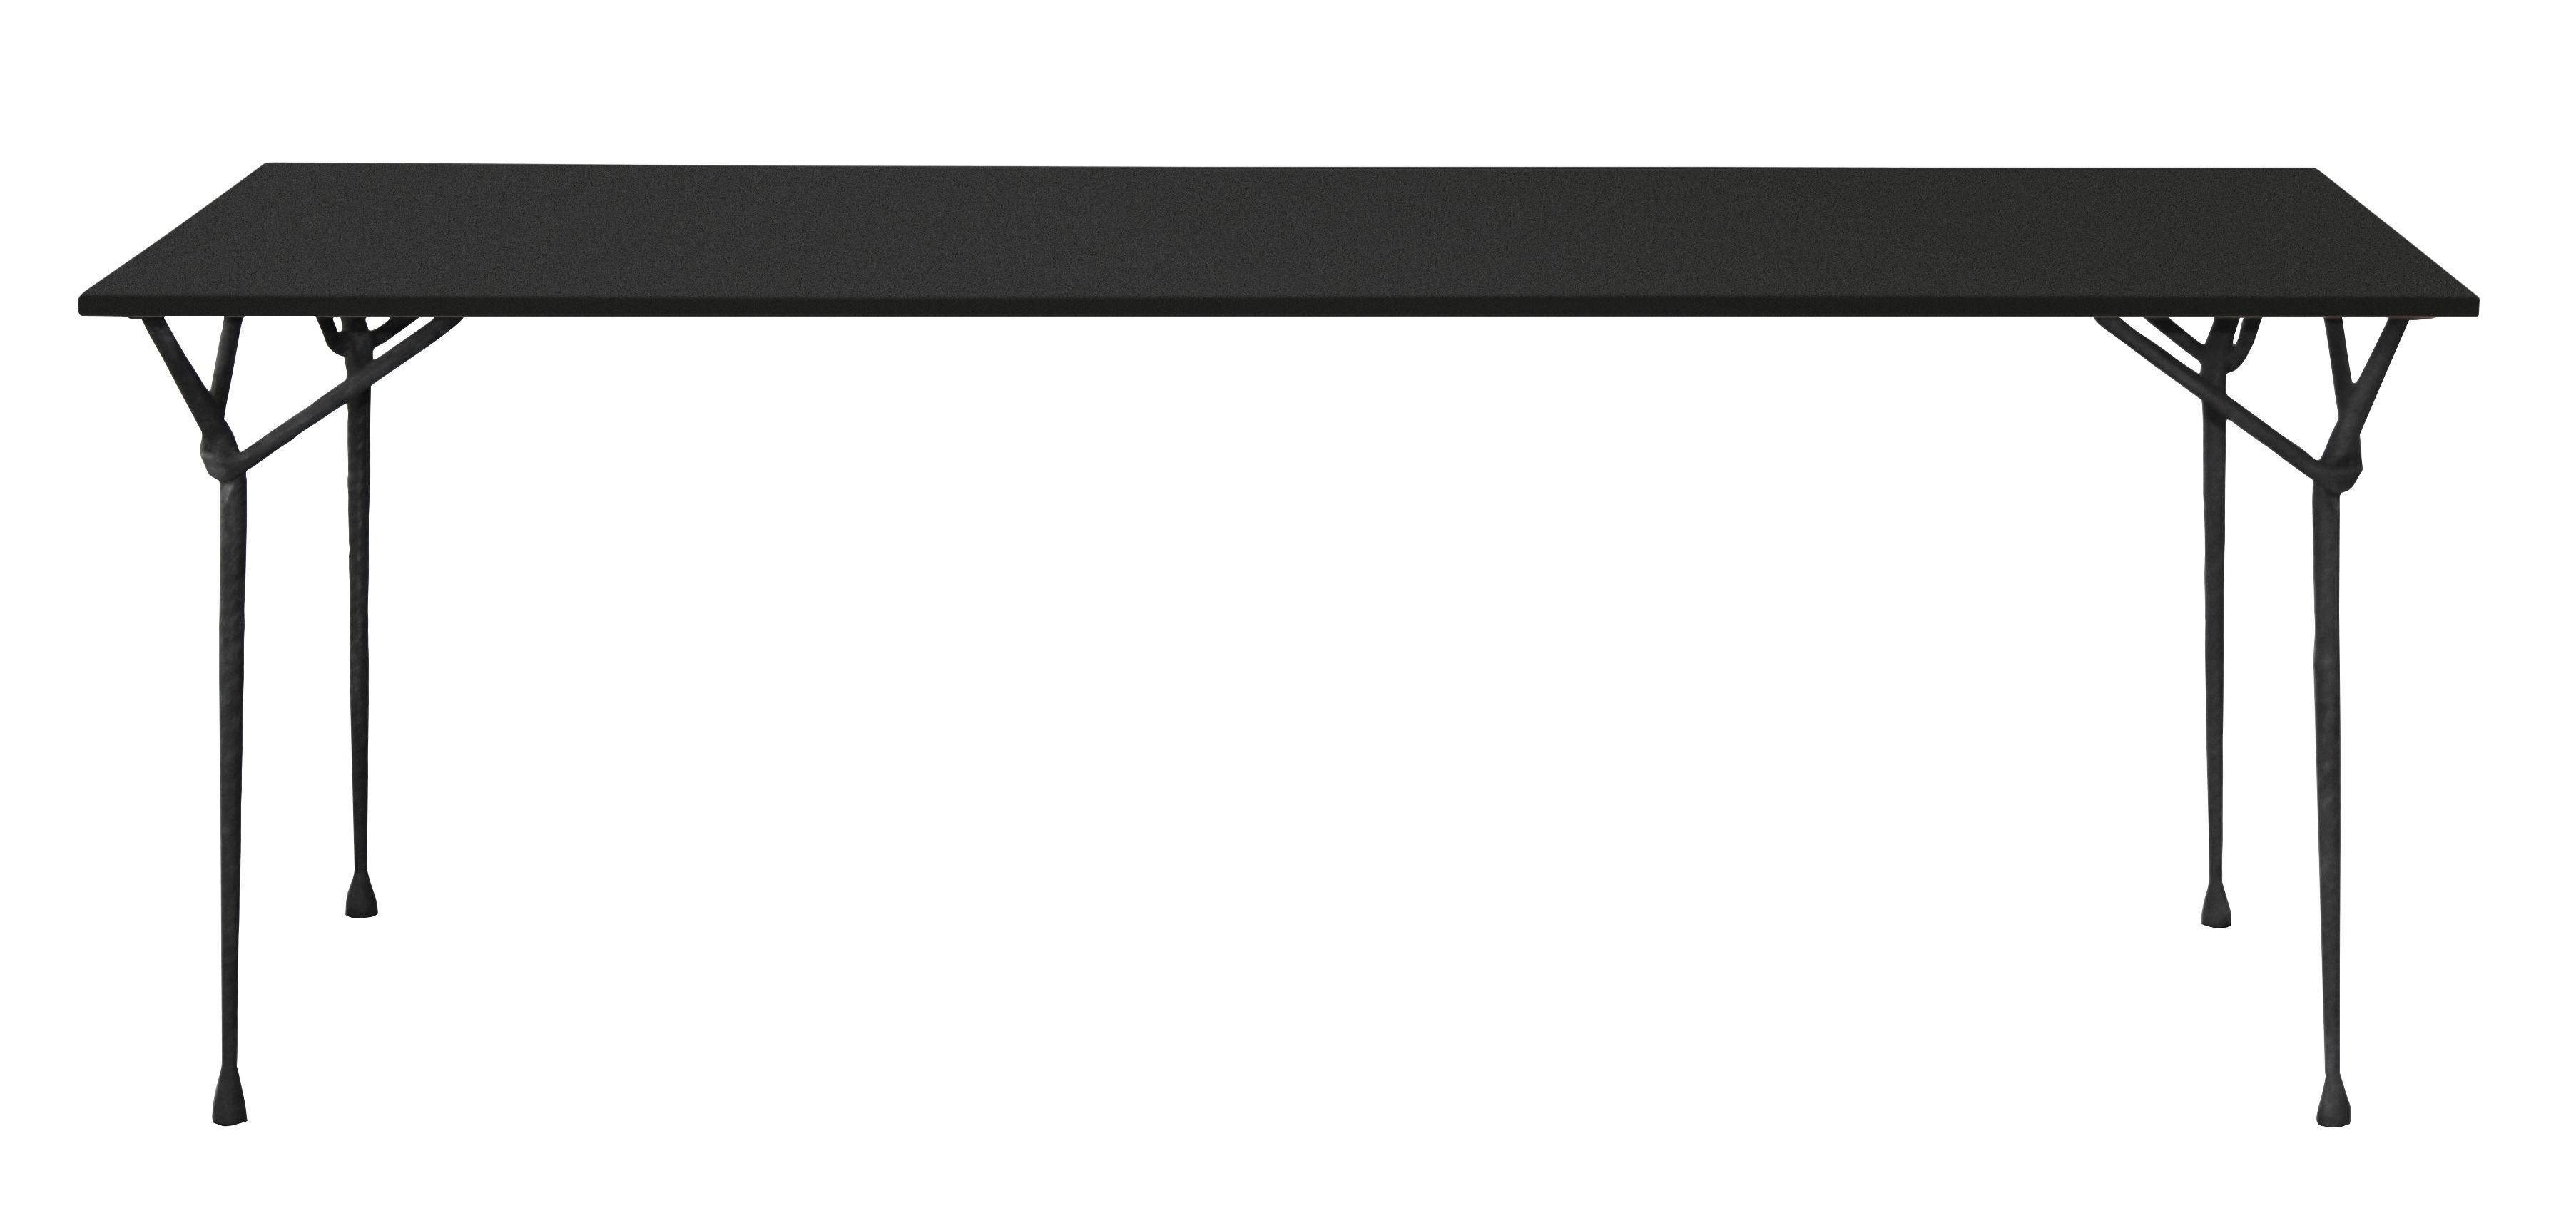 Outdoor - Tische - Officina Outdoor rechteckiger Tisch / 200 x 90 cm - Tischplatte aus Stahl - Magis - Stahl schwarz / Tischbeine schwarz - Eisen, Stahl